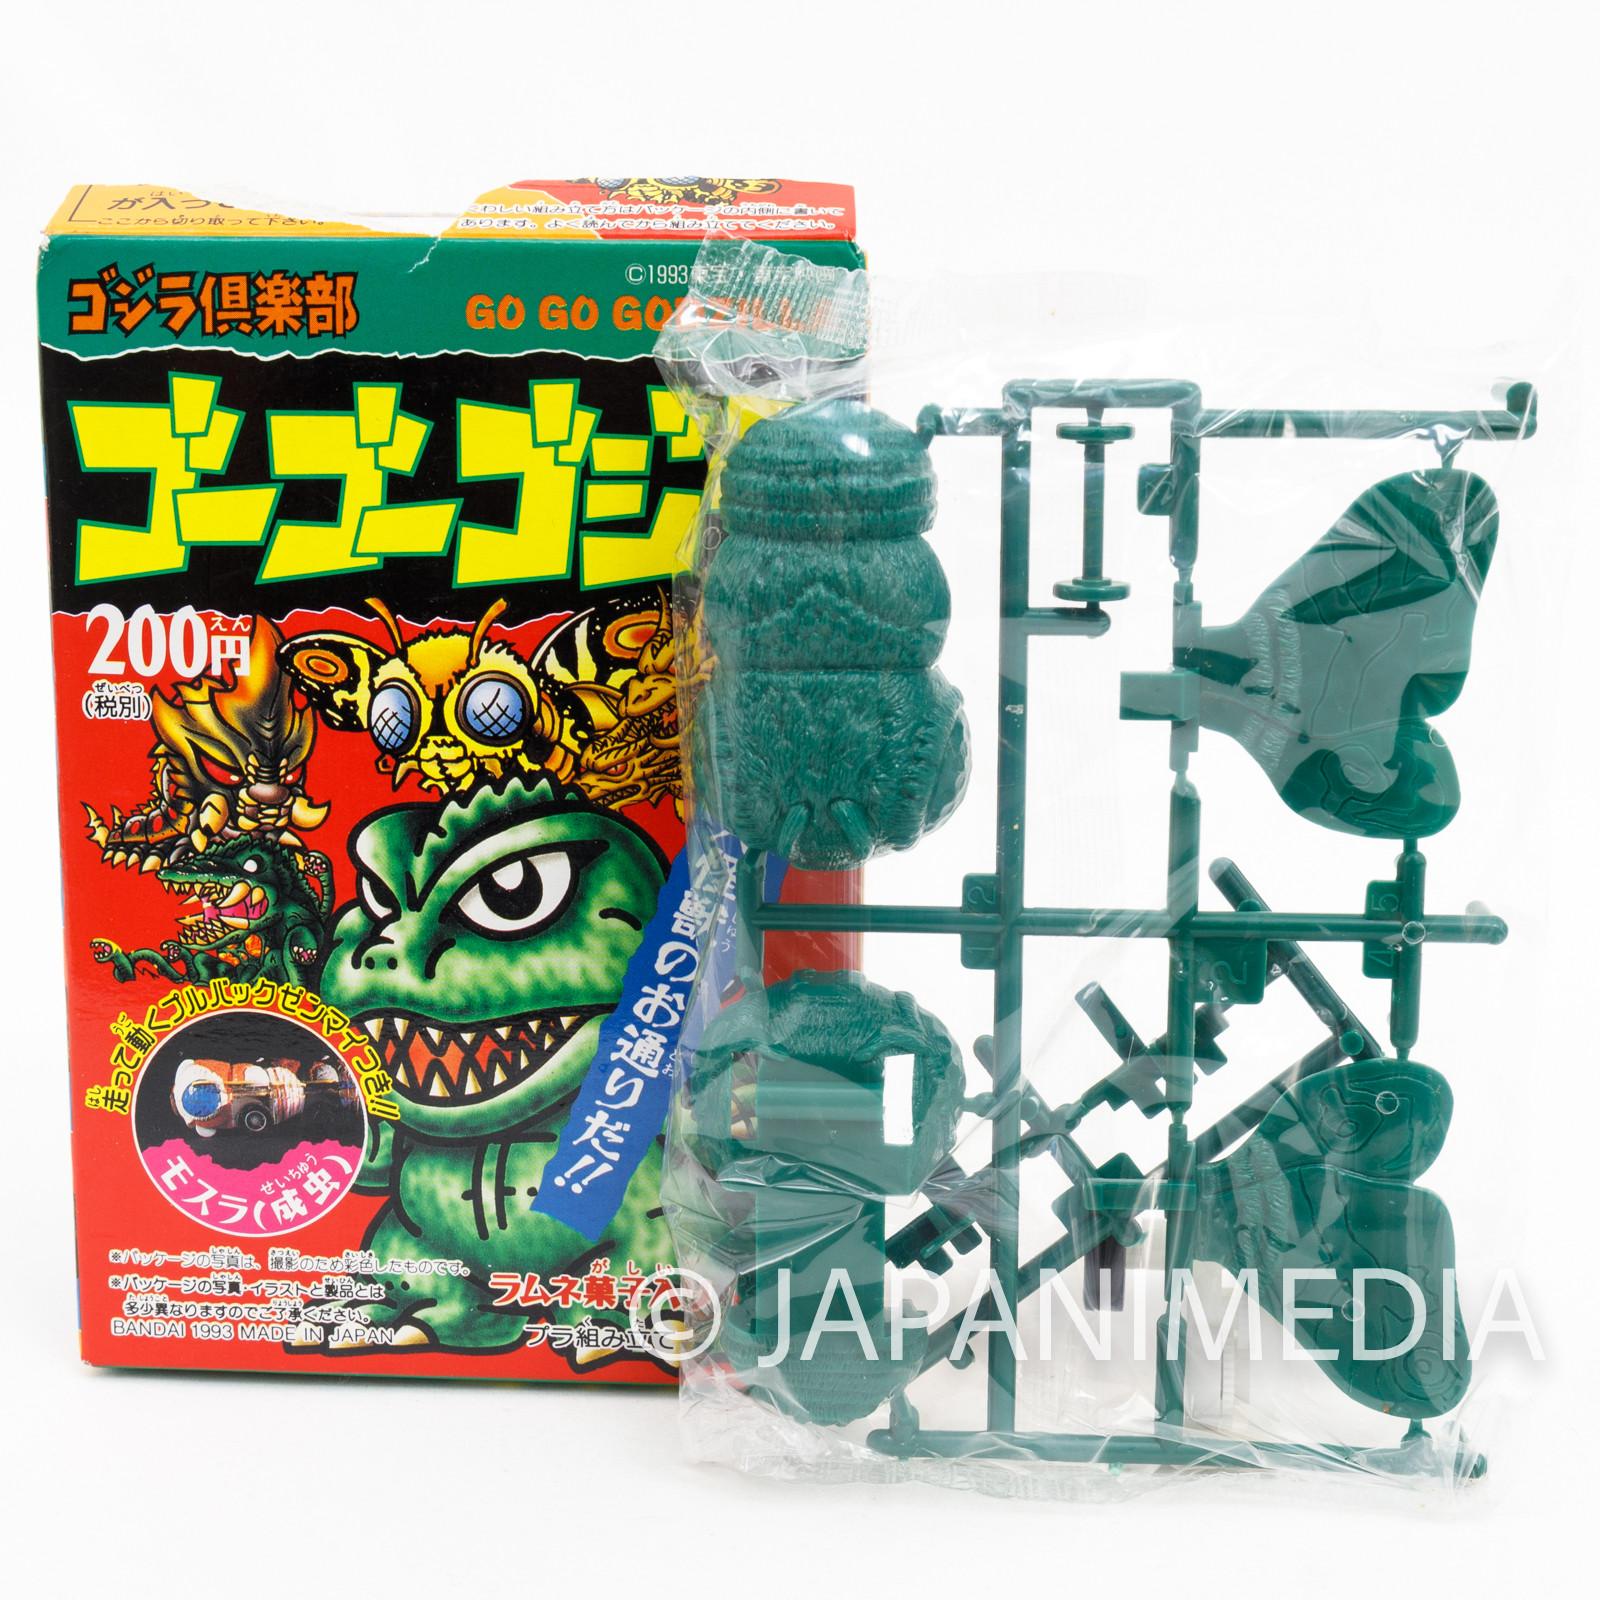 Retro Godzilla Mothra Plastic Model Kit Pull-back Car BANDAI TOKUSATSU